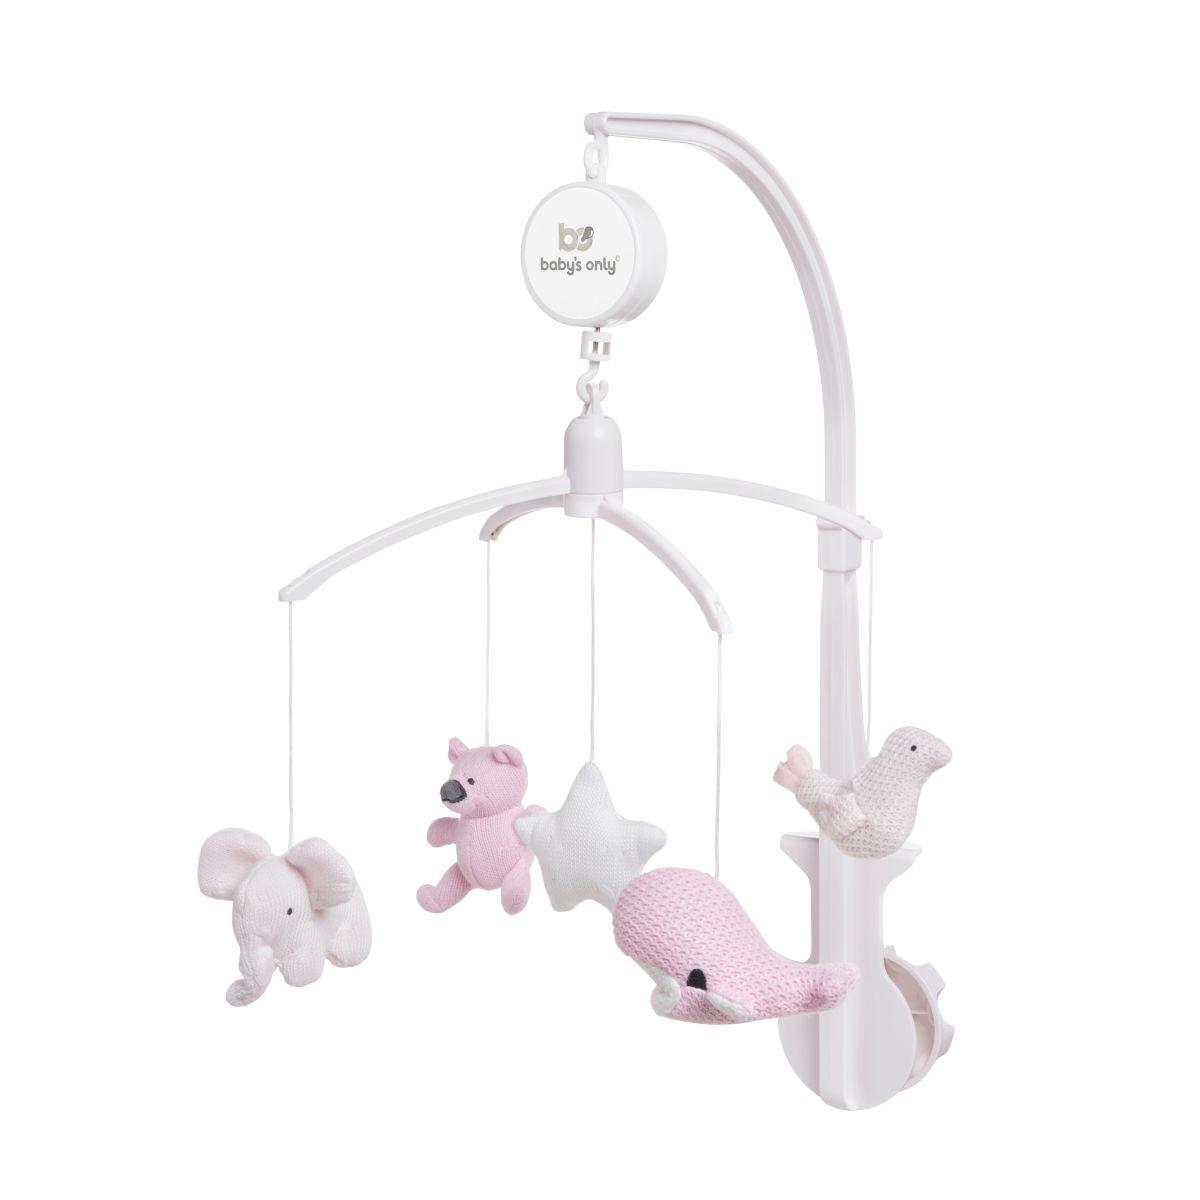 babys only 0852351 muziekmobiel classic roze baby roze wit 1